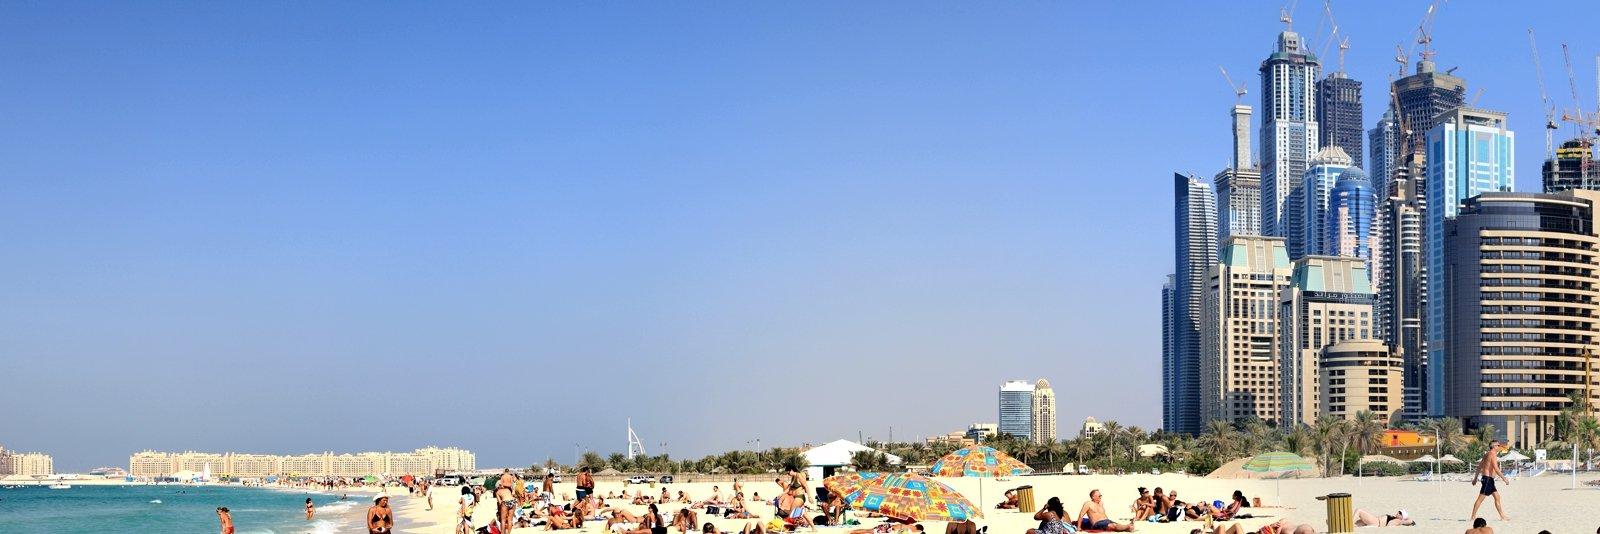 Марина бич дубай приложение для недвижимости за рубежом